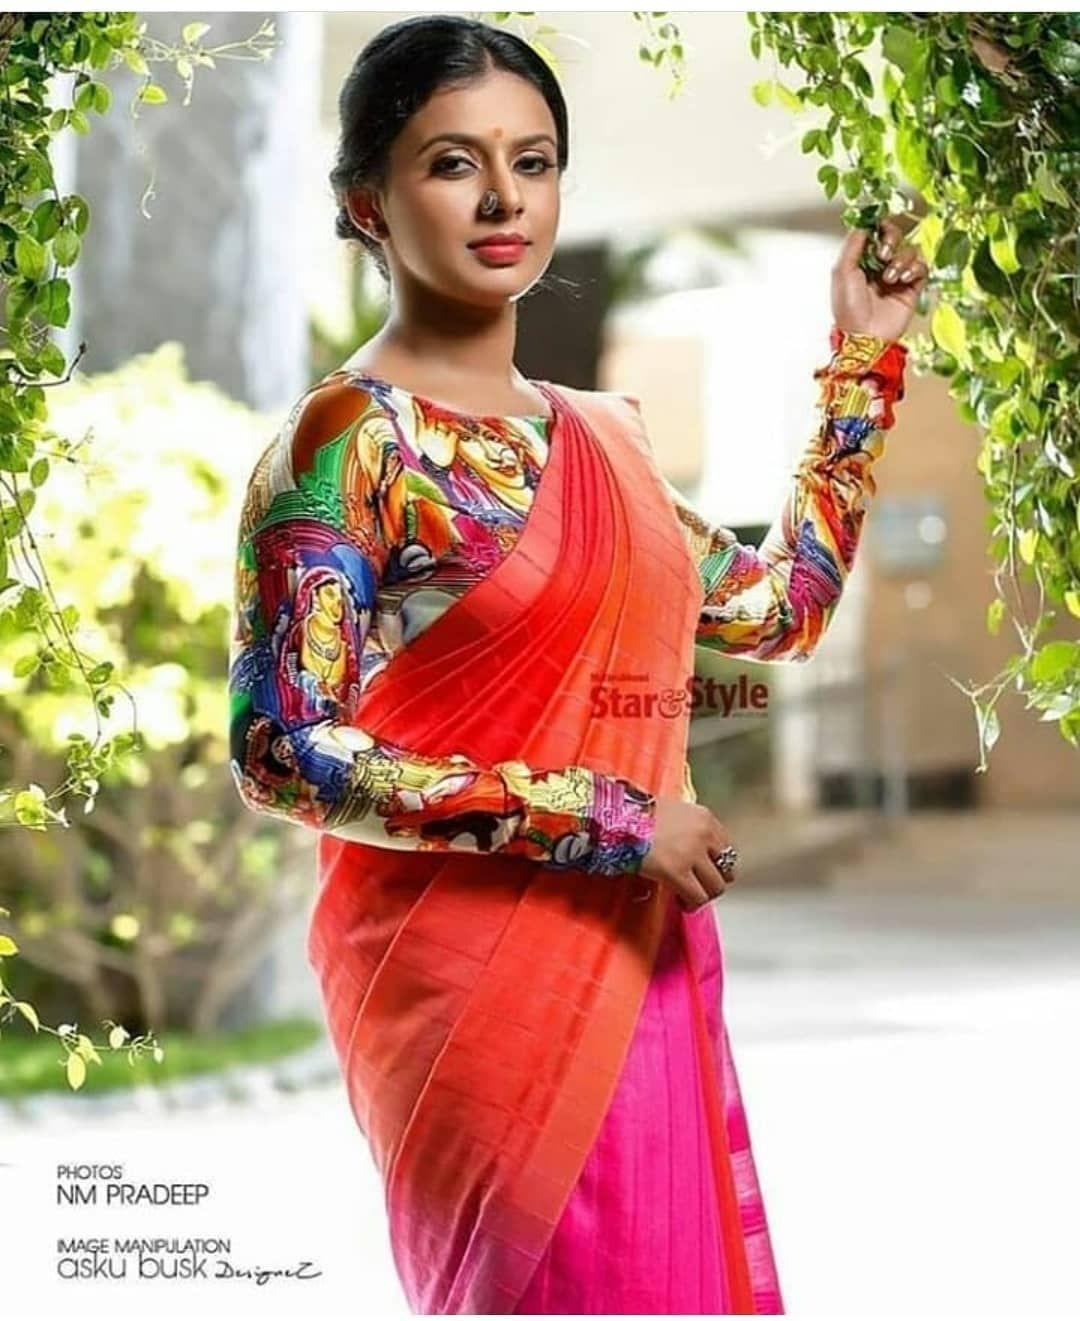 സിത്താര കൃഷ്ണകുമാർ #sithara #sitharakrishnakumar #cinetimesmedia #cinetimes #singer #model #photoshoot #g…   Saree styles, Beautiful indian actress, Saree designs